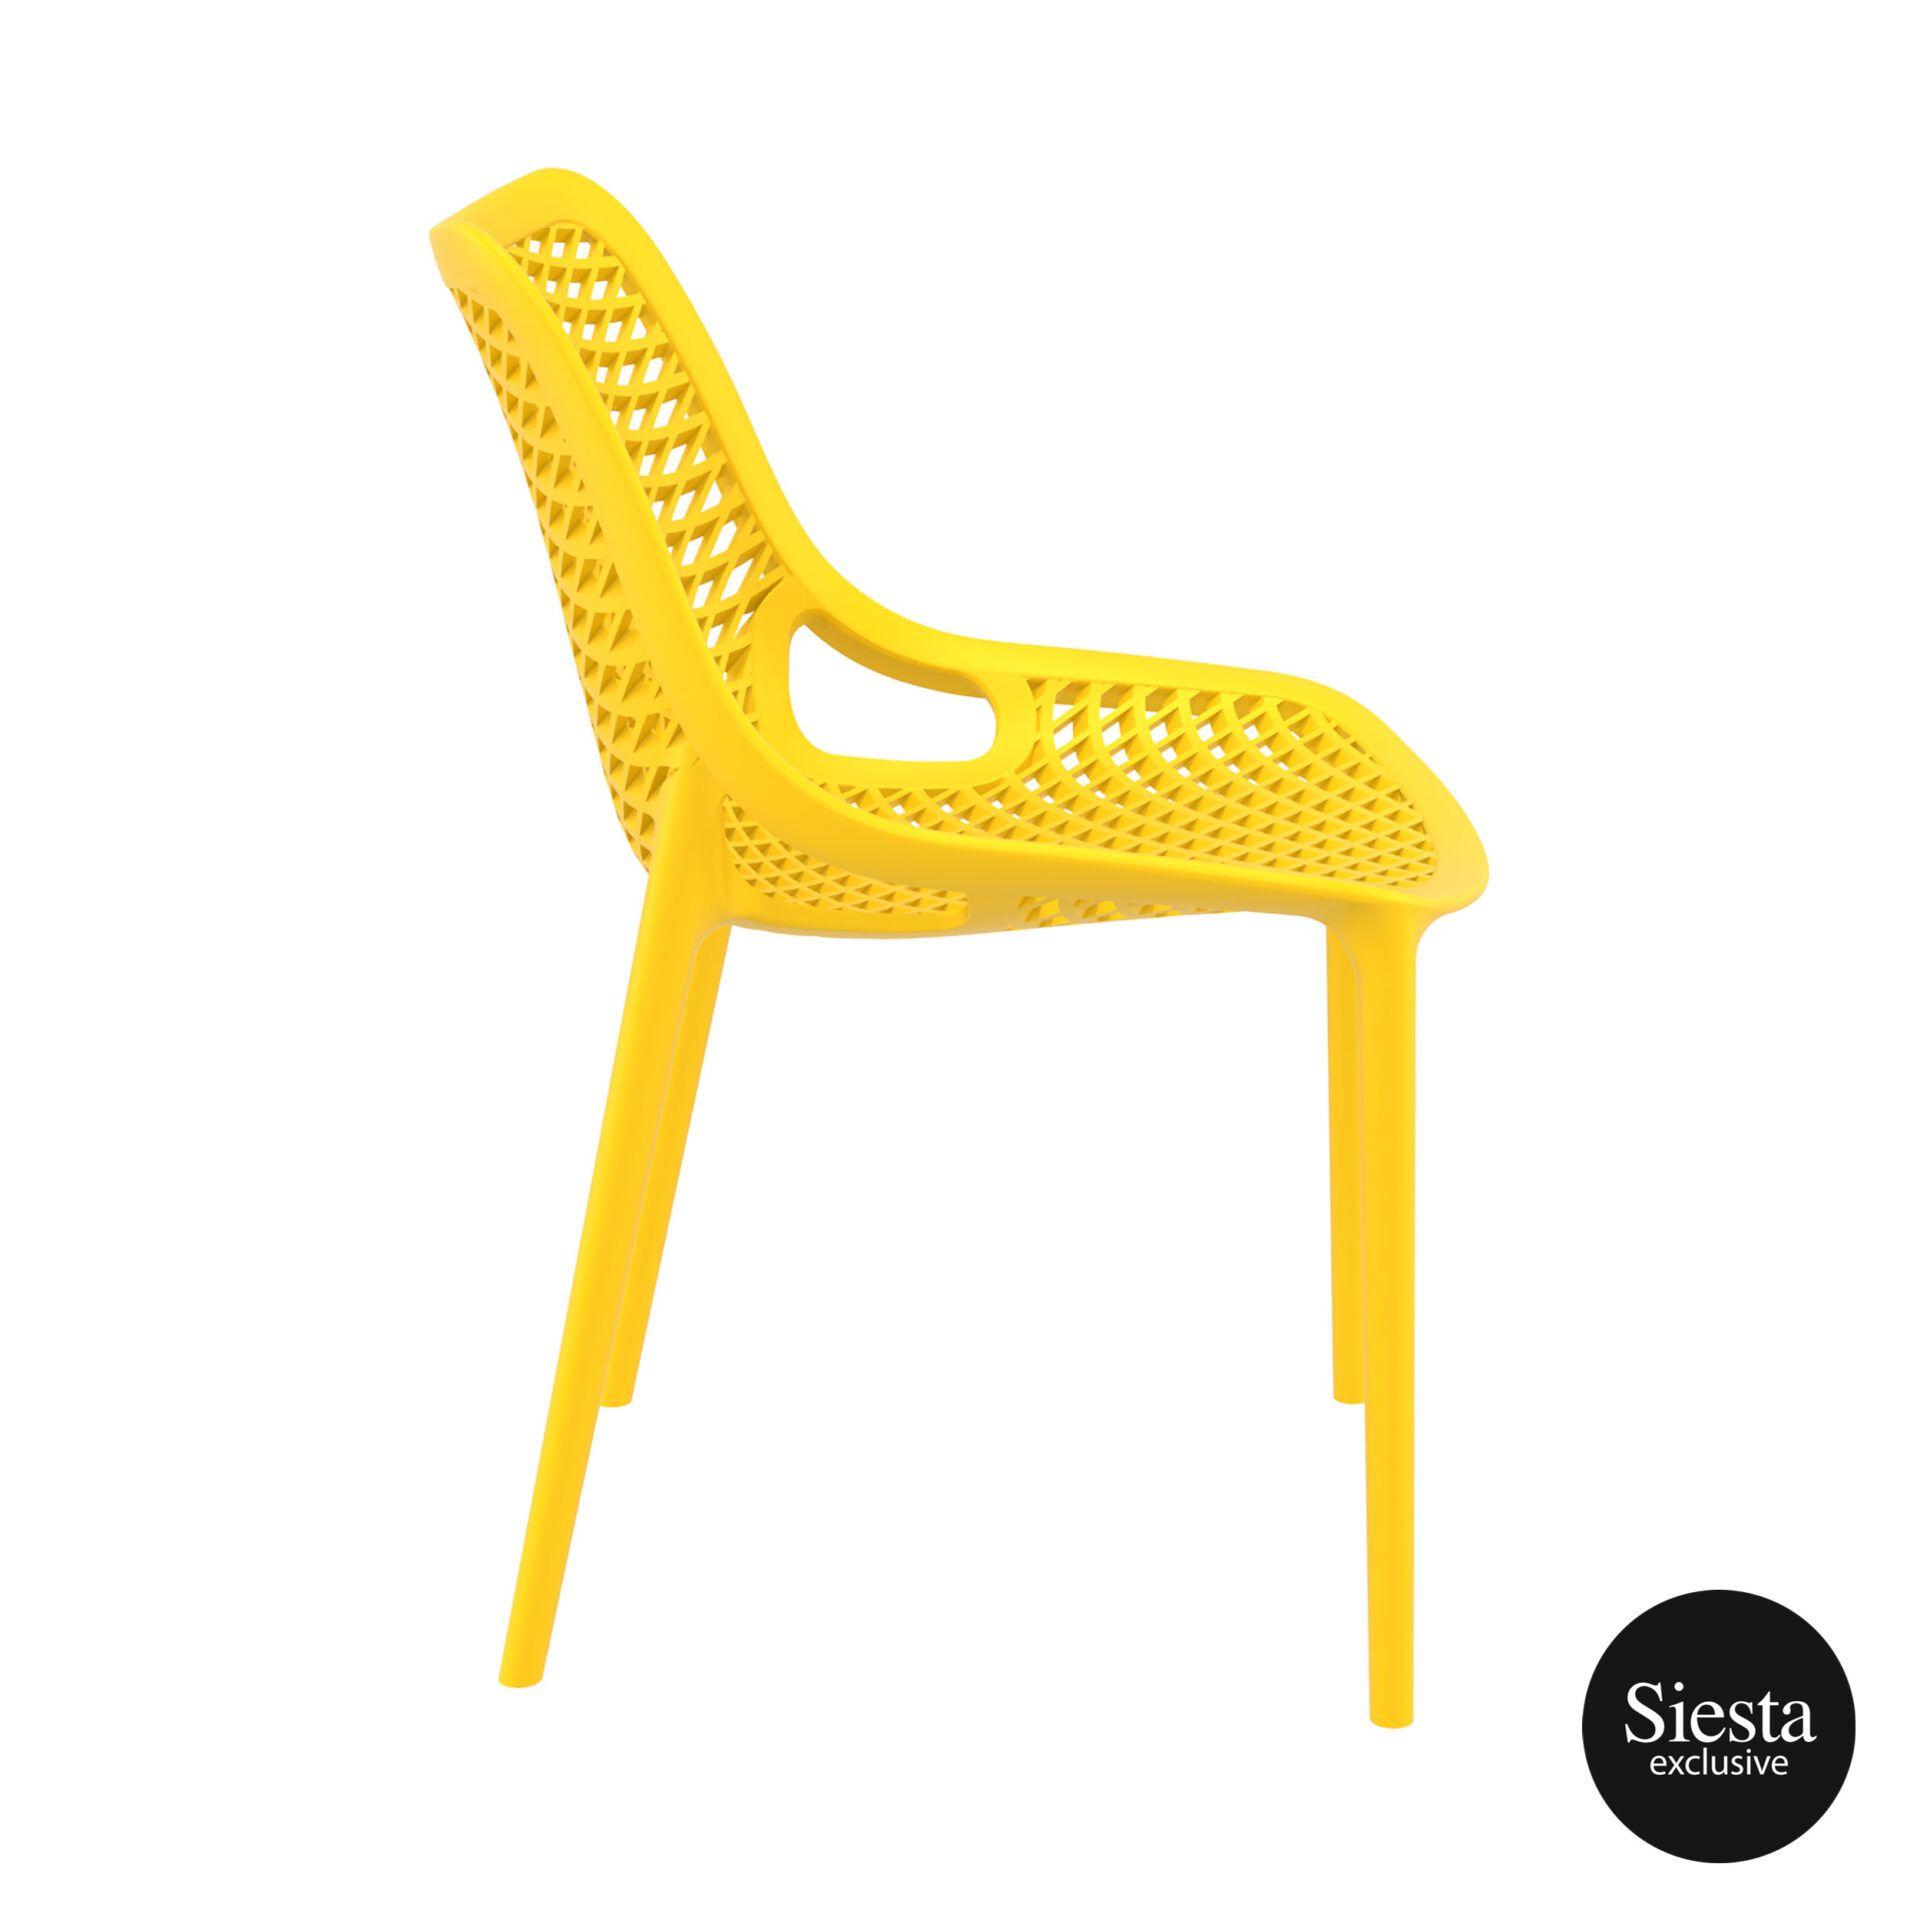 original siesta air chair yellow side 1